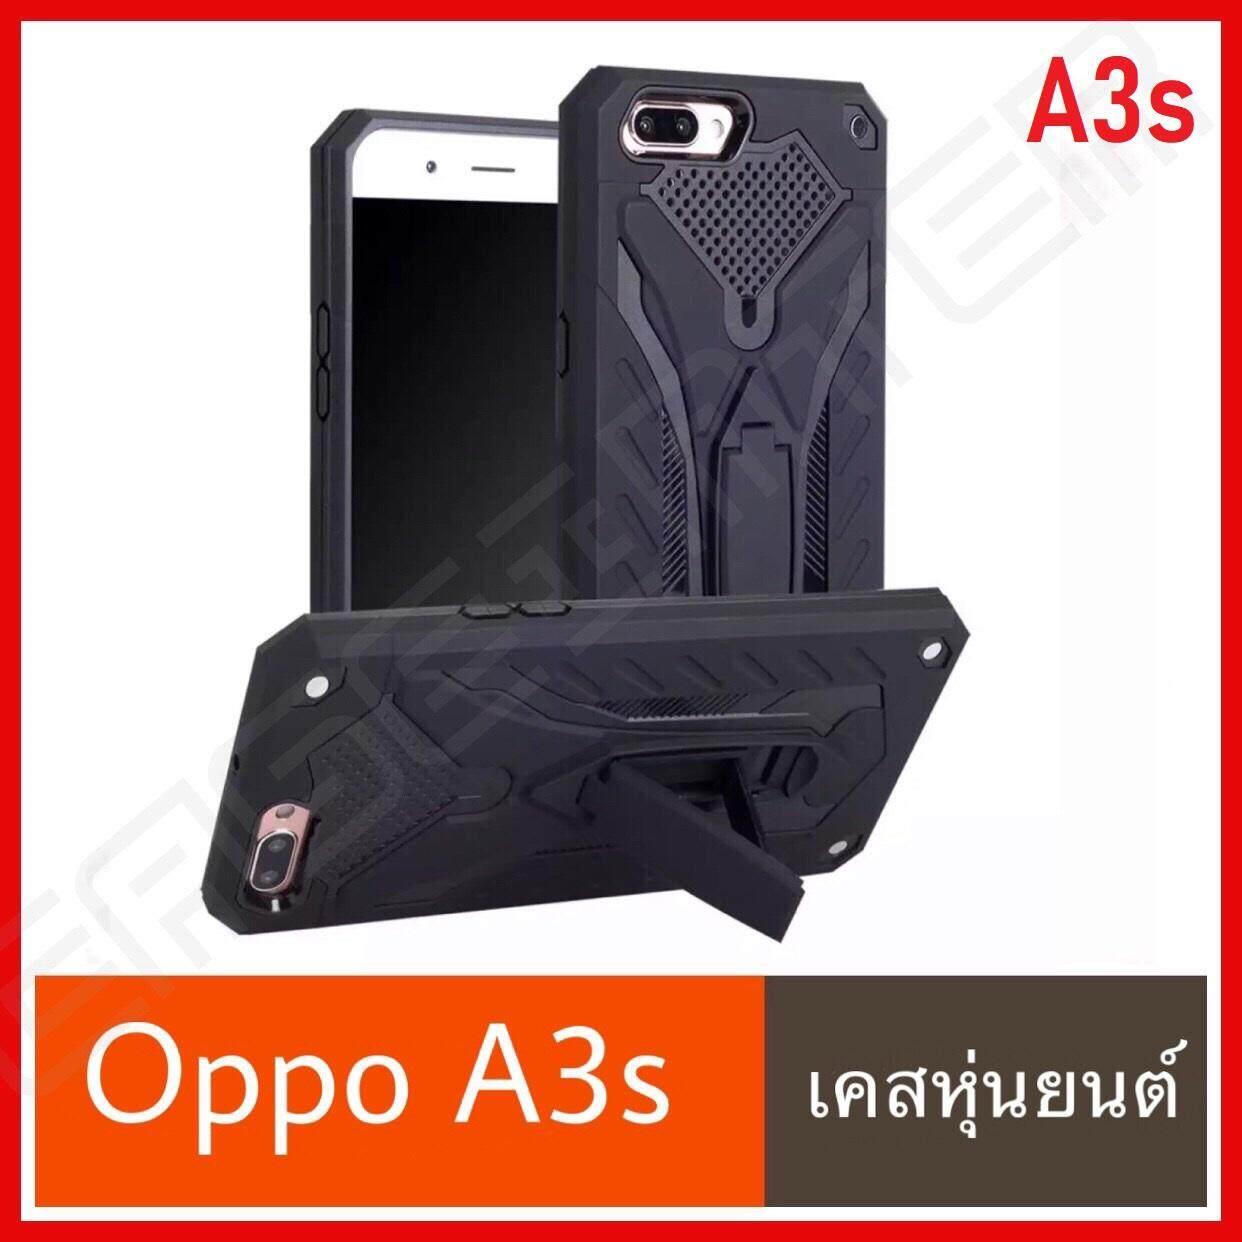 ⚡รัปประกันสินค้า⚡ !! Case Oppo A3s Oppo A5s Oppo A7 Oppo A1k เคสออปโป้ เคสหุ่นยนต์ มีขาตั้ง เคสกันกระแทก Tpu Case Case Oppo A3s A5s A7 A1k สินค้าใหม่.